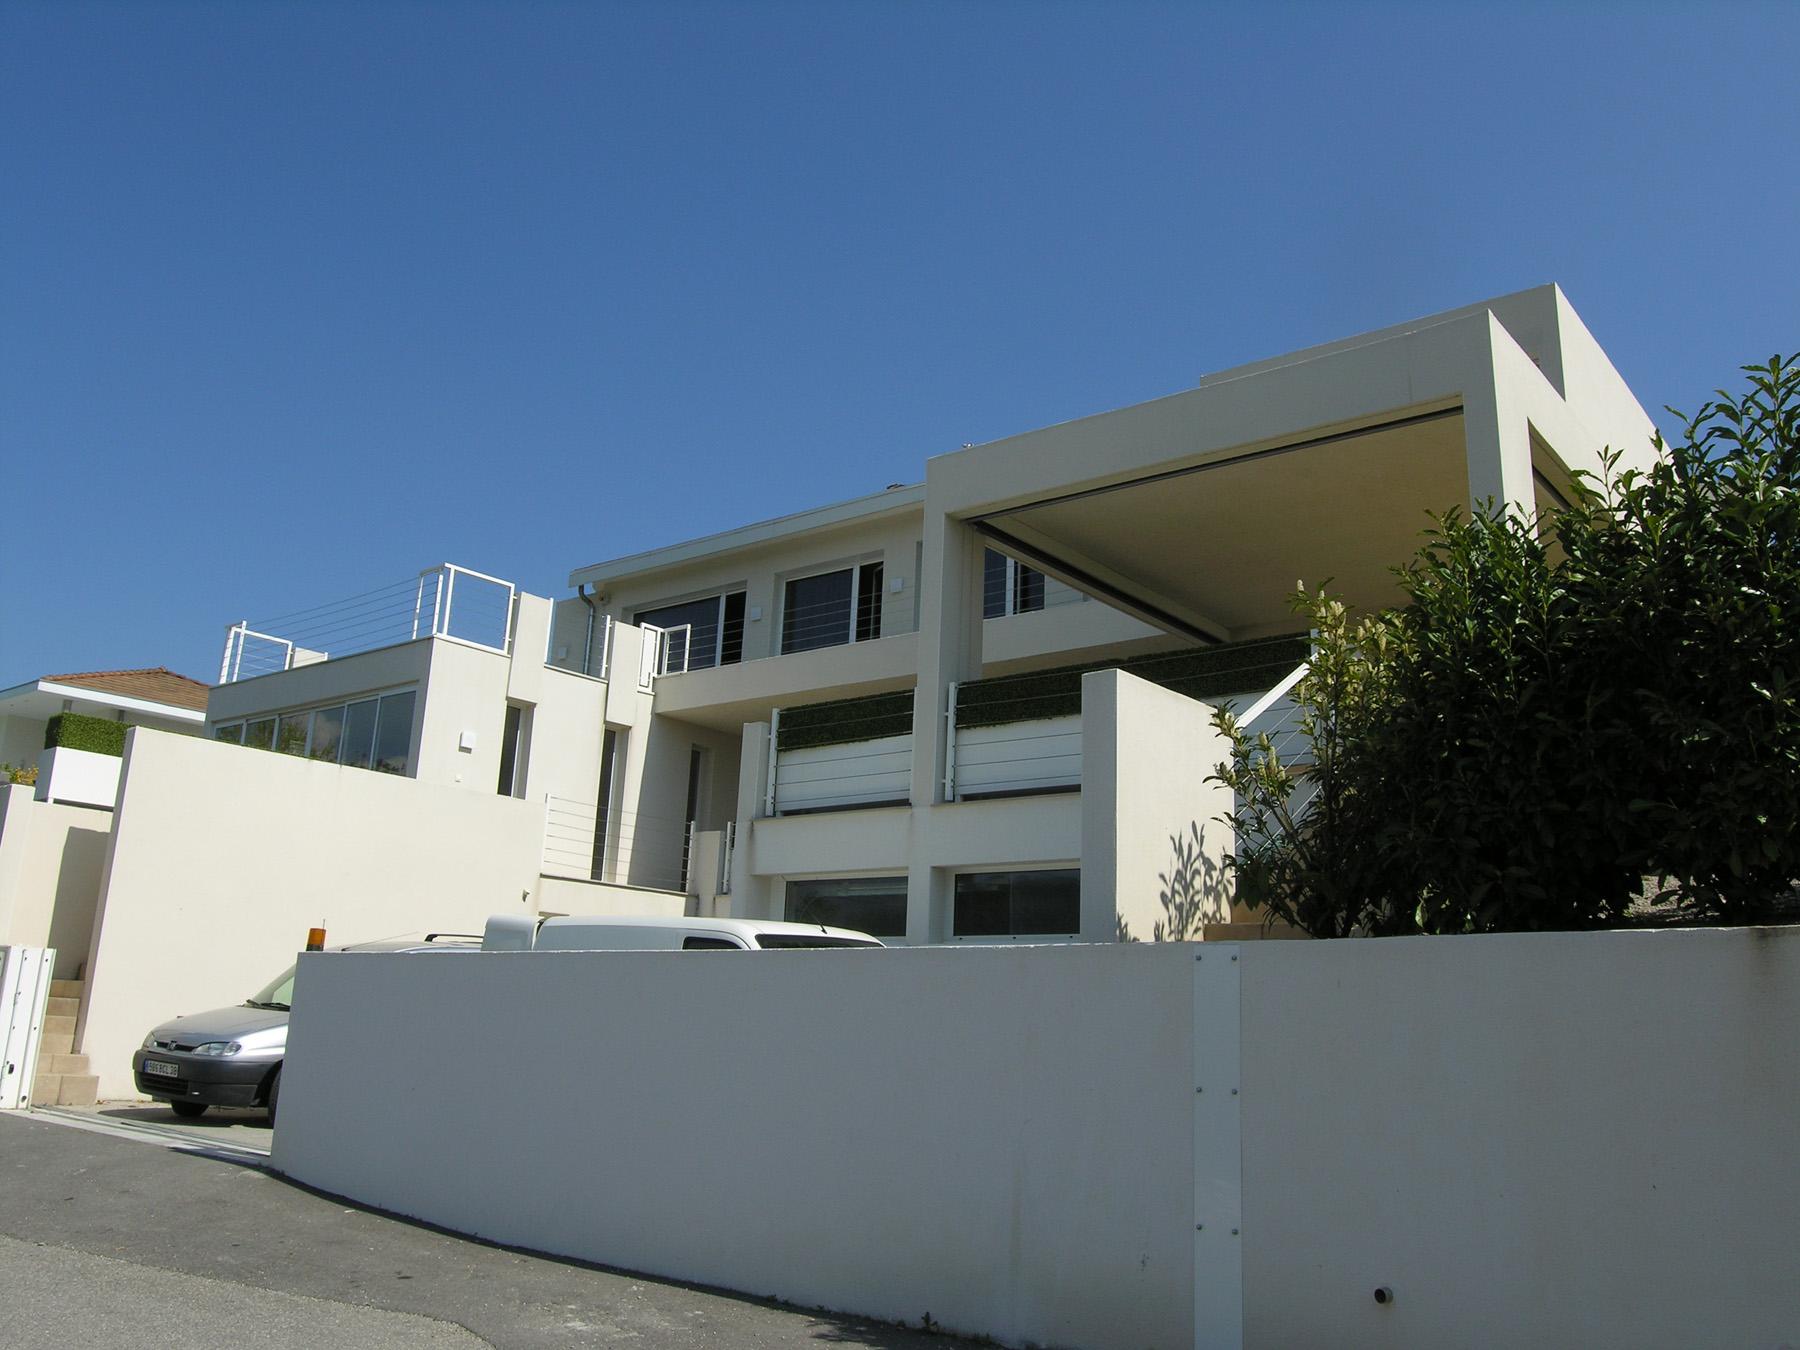 Janik architecte maison individuelle bri et angonnes 1 for Architecte grenoble maison individuelle